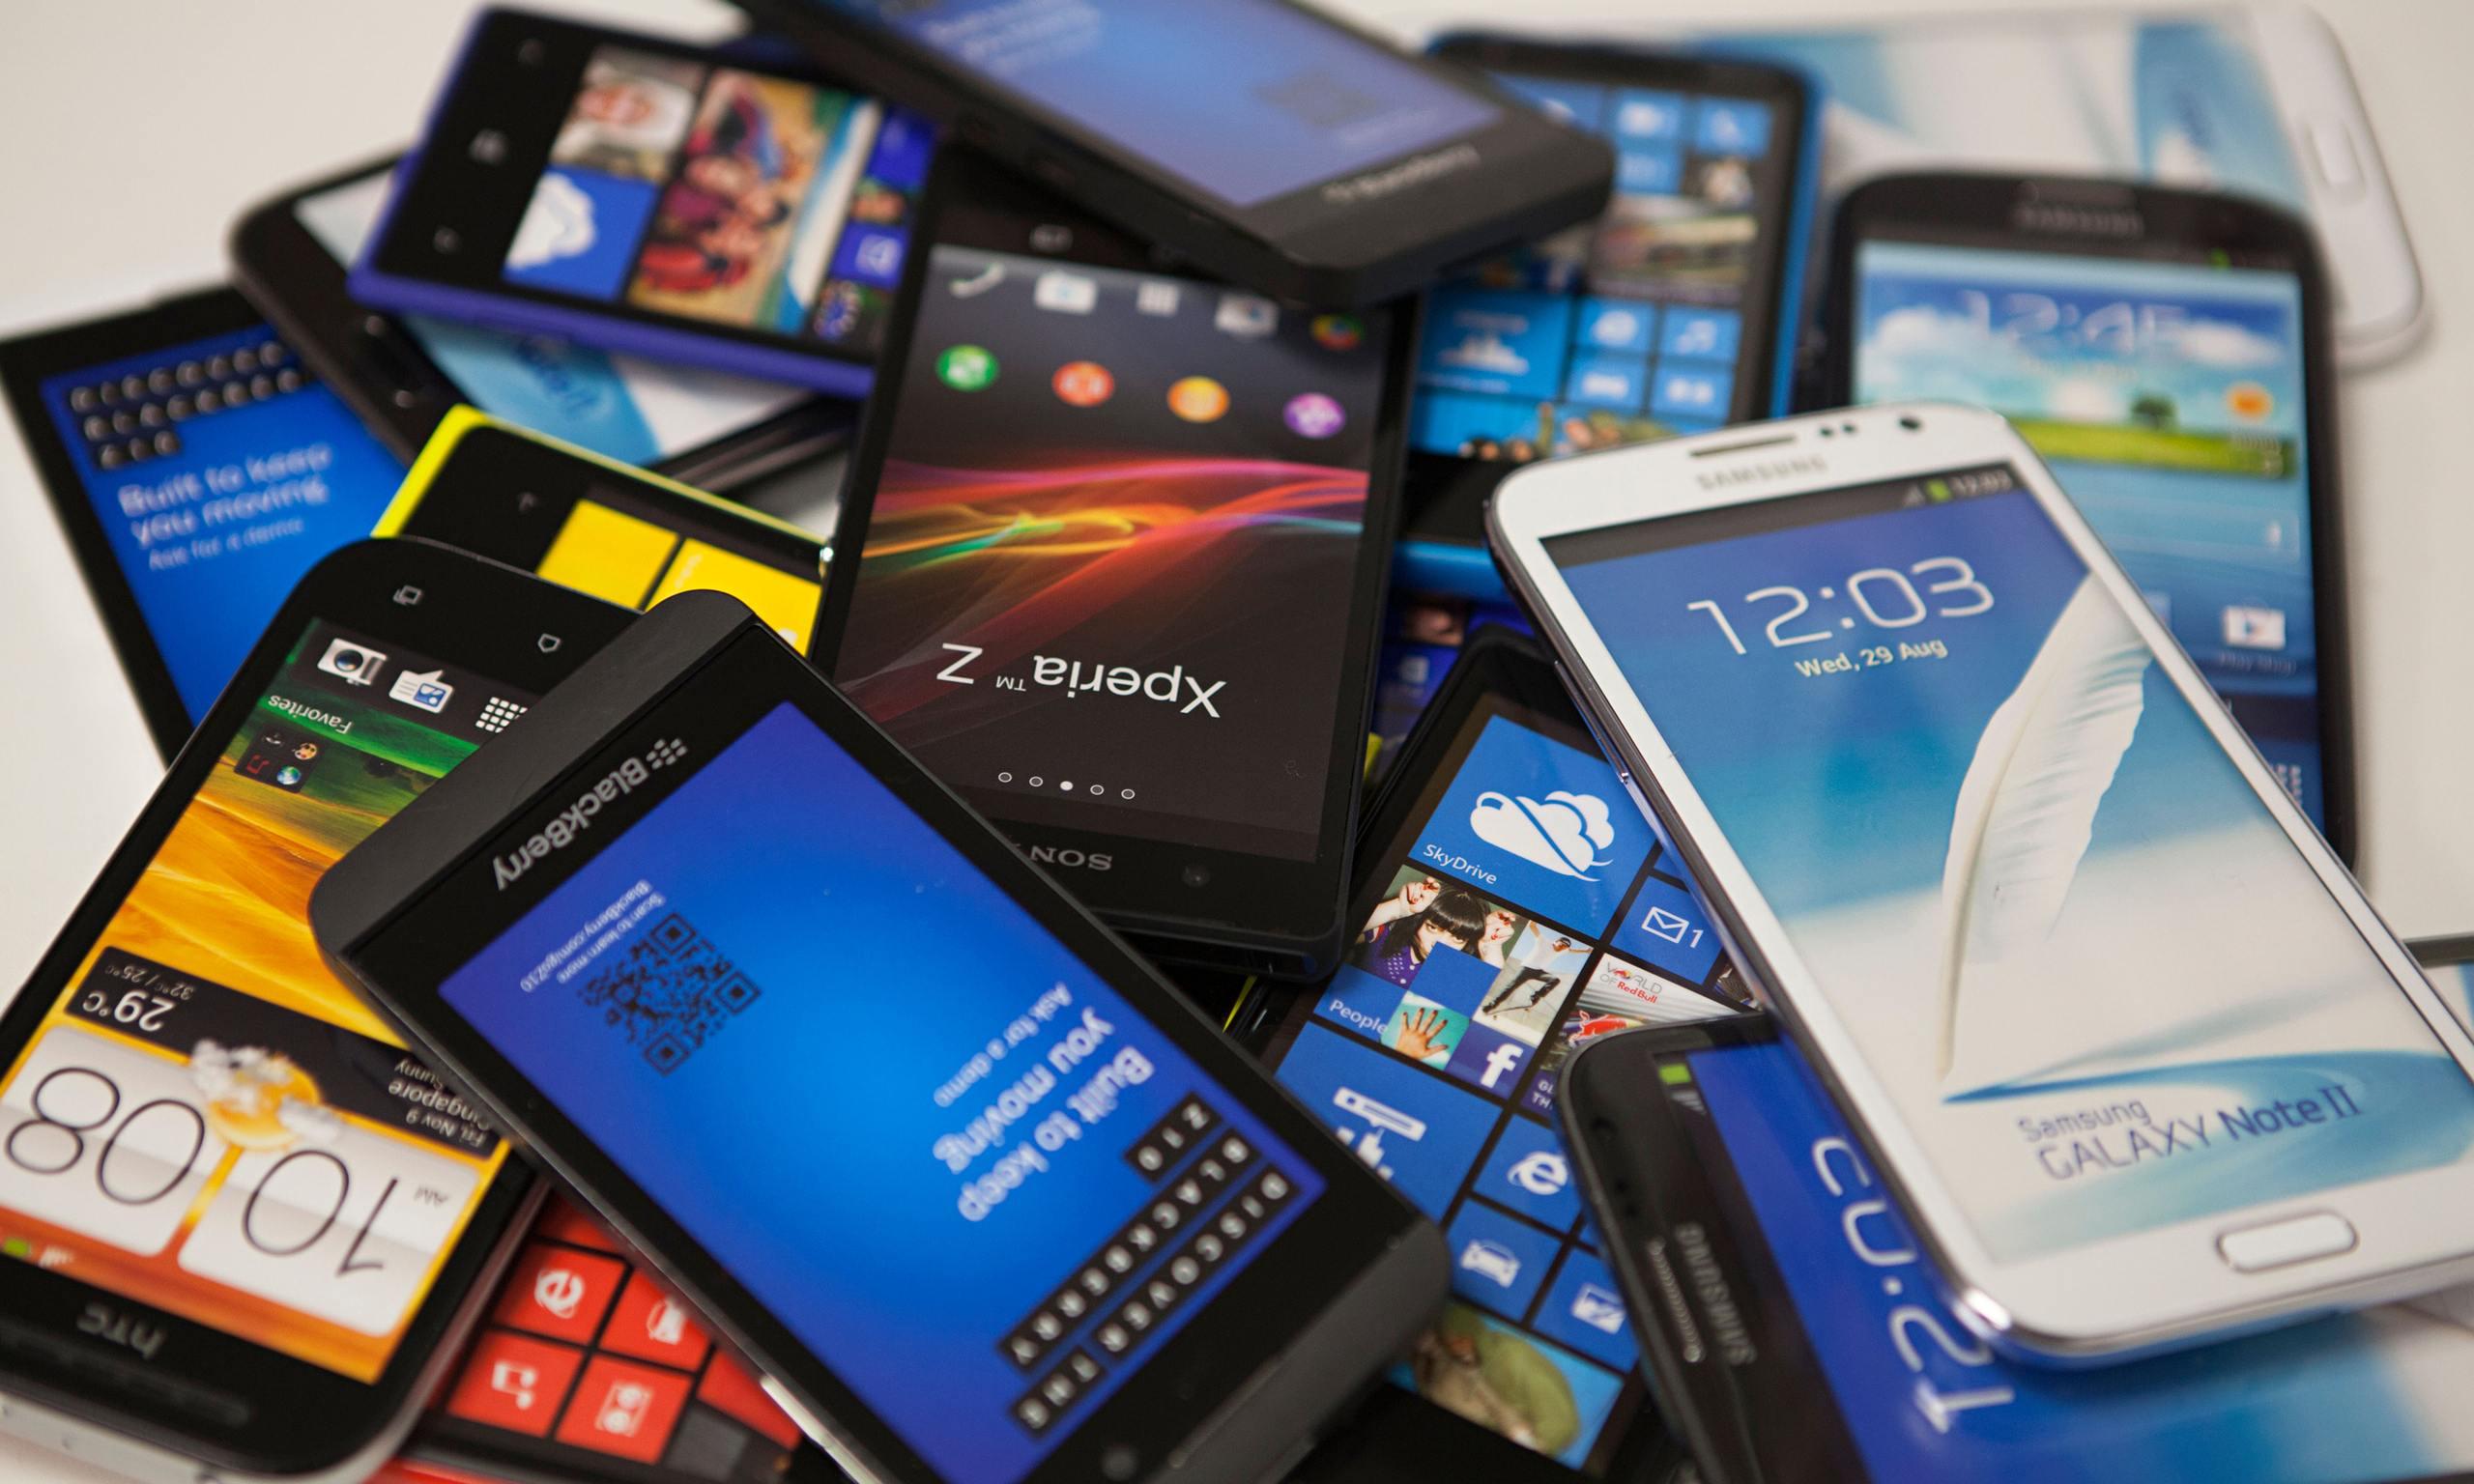 Kinh doanh điện thoại là một trong những ngành cạnh tranh khốc liệt nhất hiện nay.